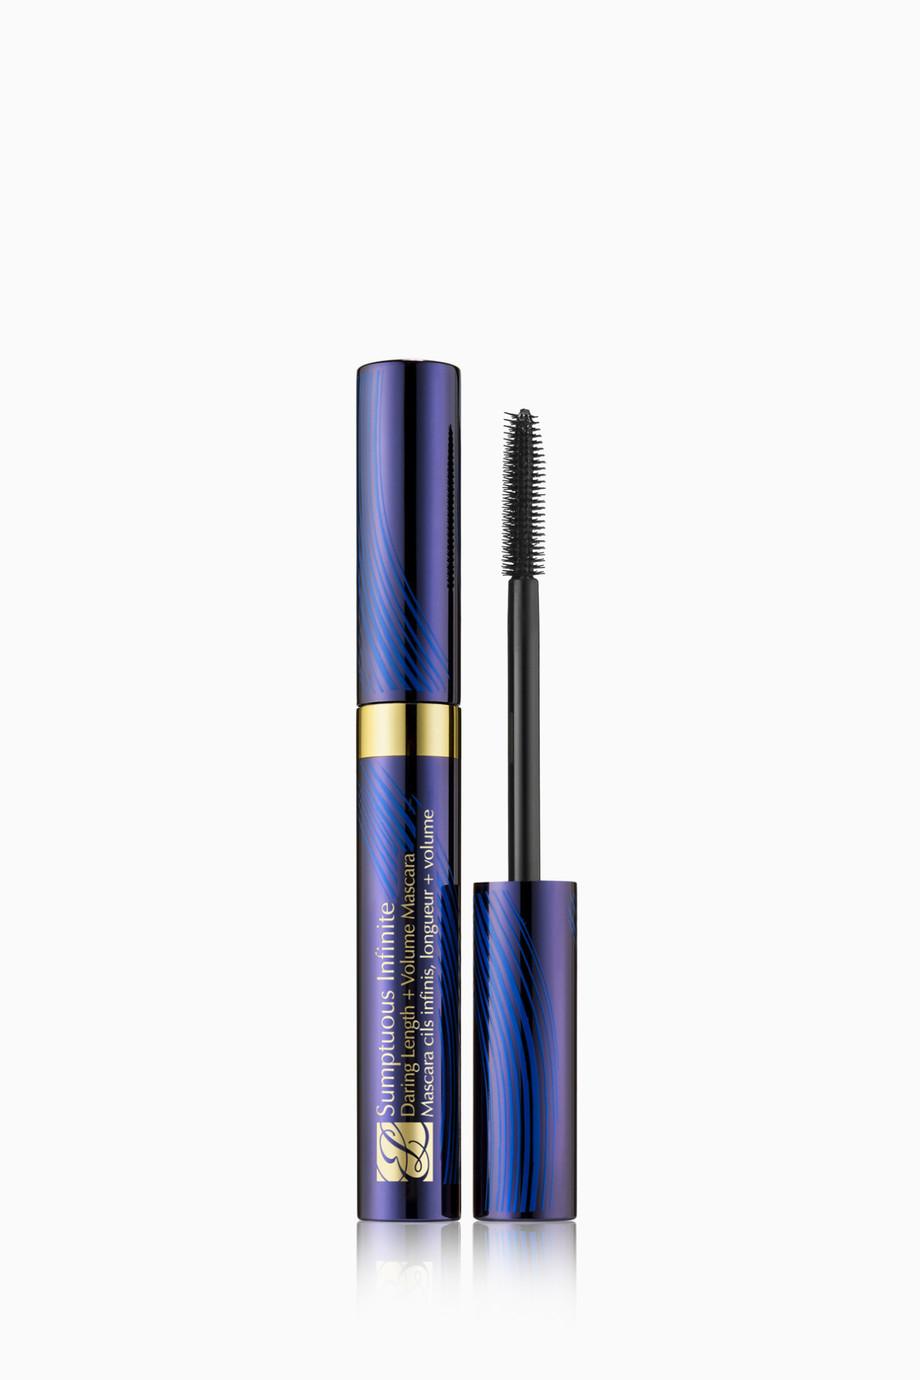 efacc57a5 تسوق Sumptuous Infinite Mascara in Brown Estée Lauder ملون للنساء ...